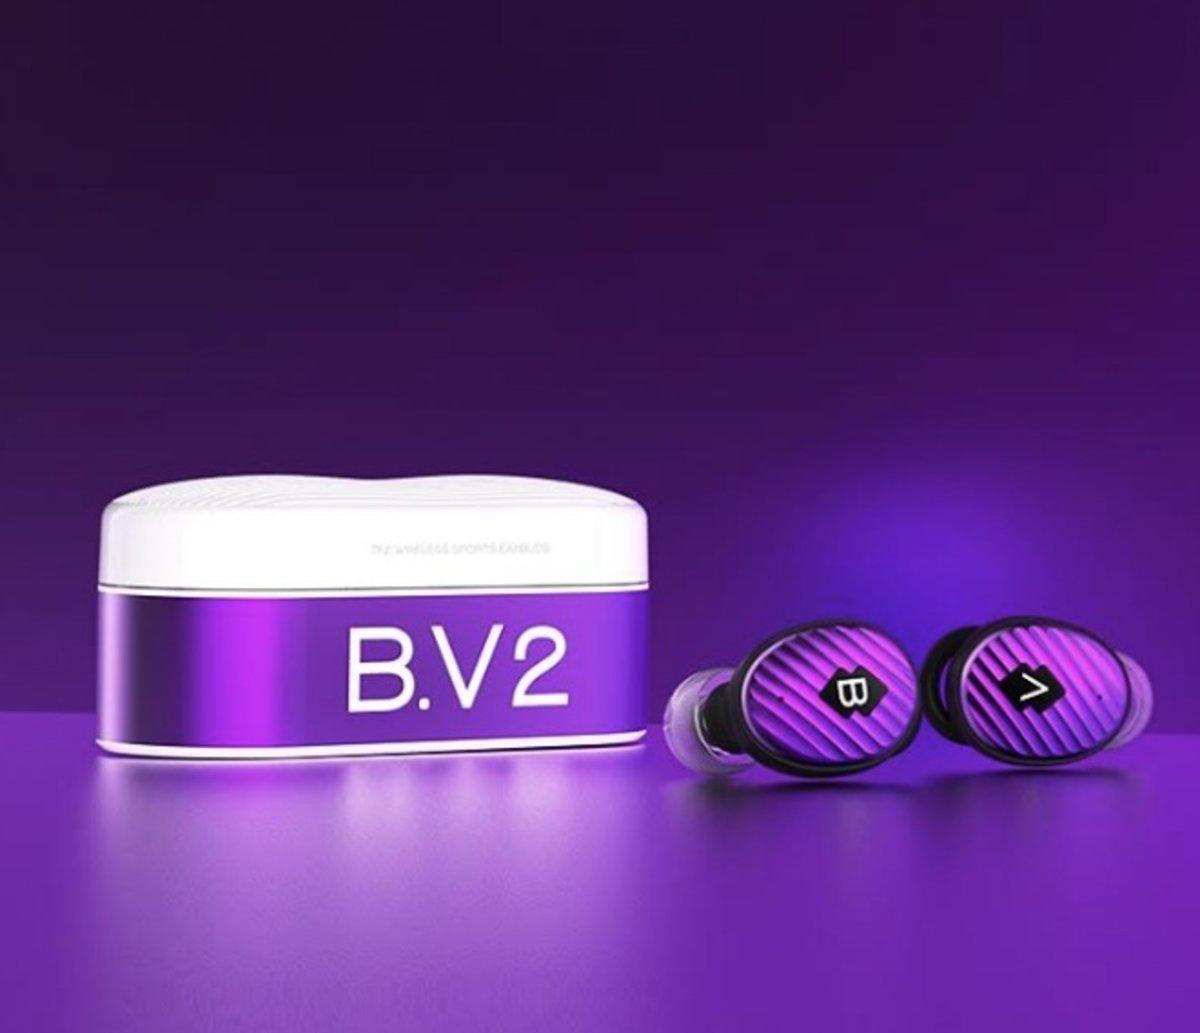 B.V2 HIFI 動圈真無線耳機[紫色]